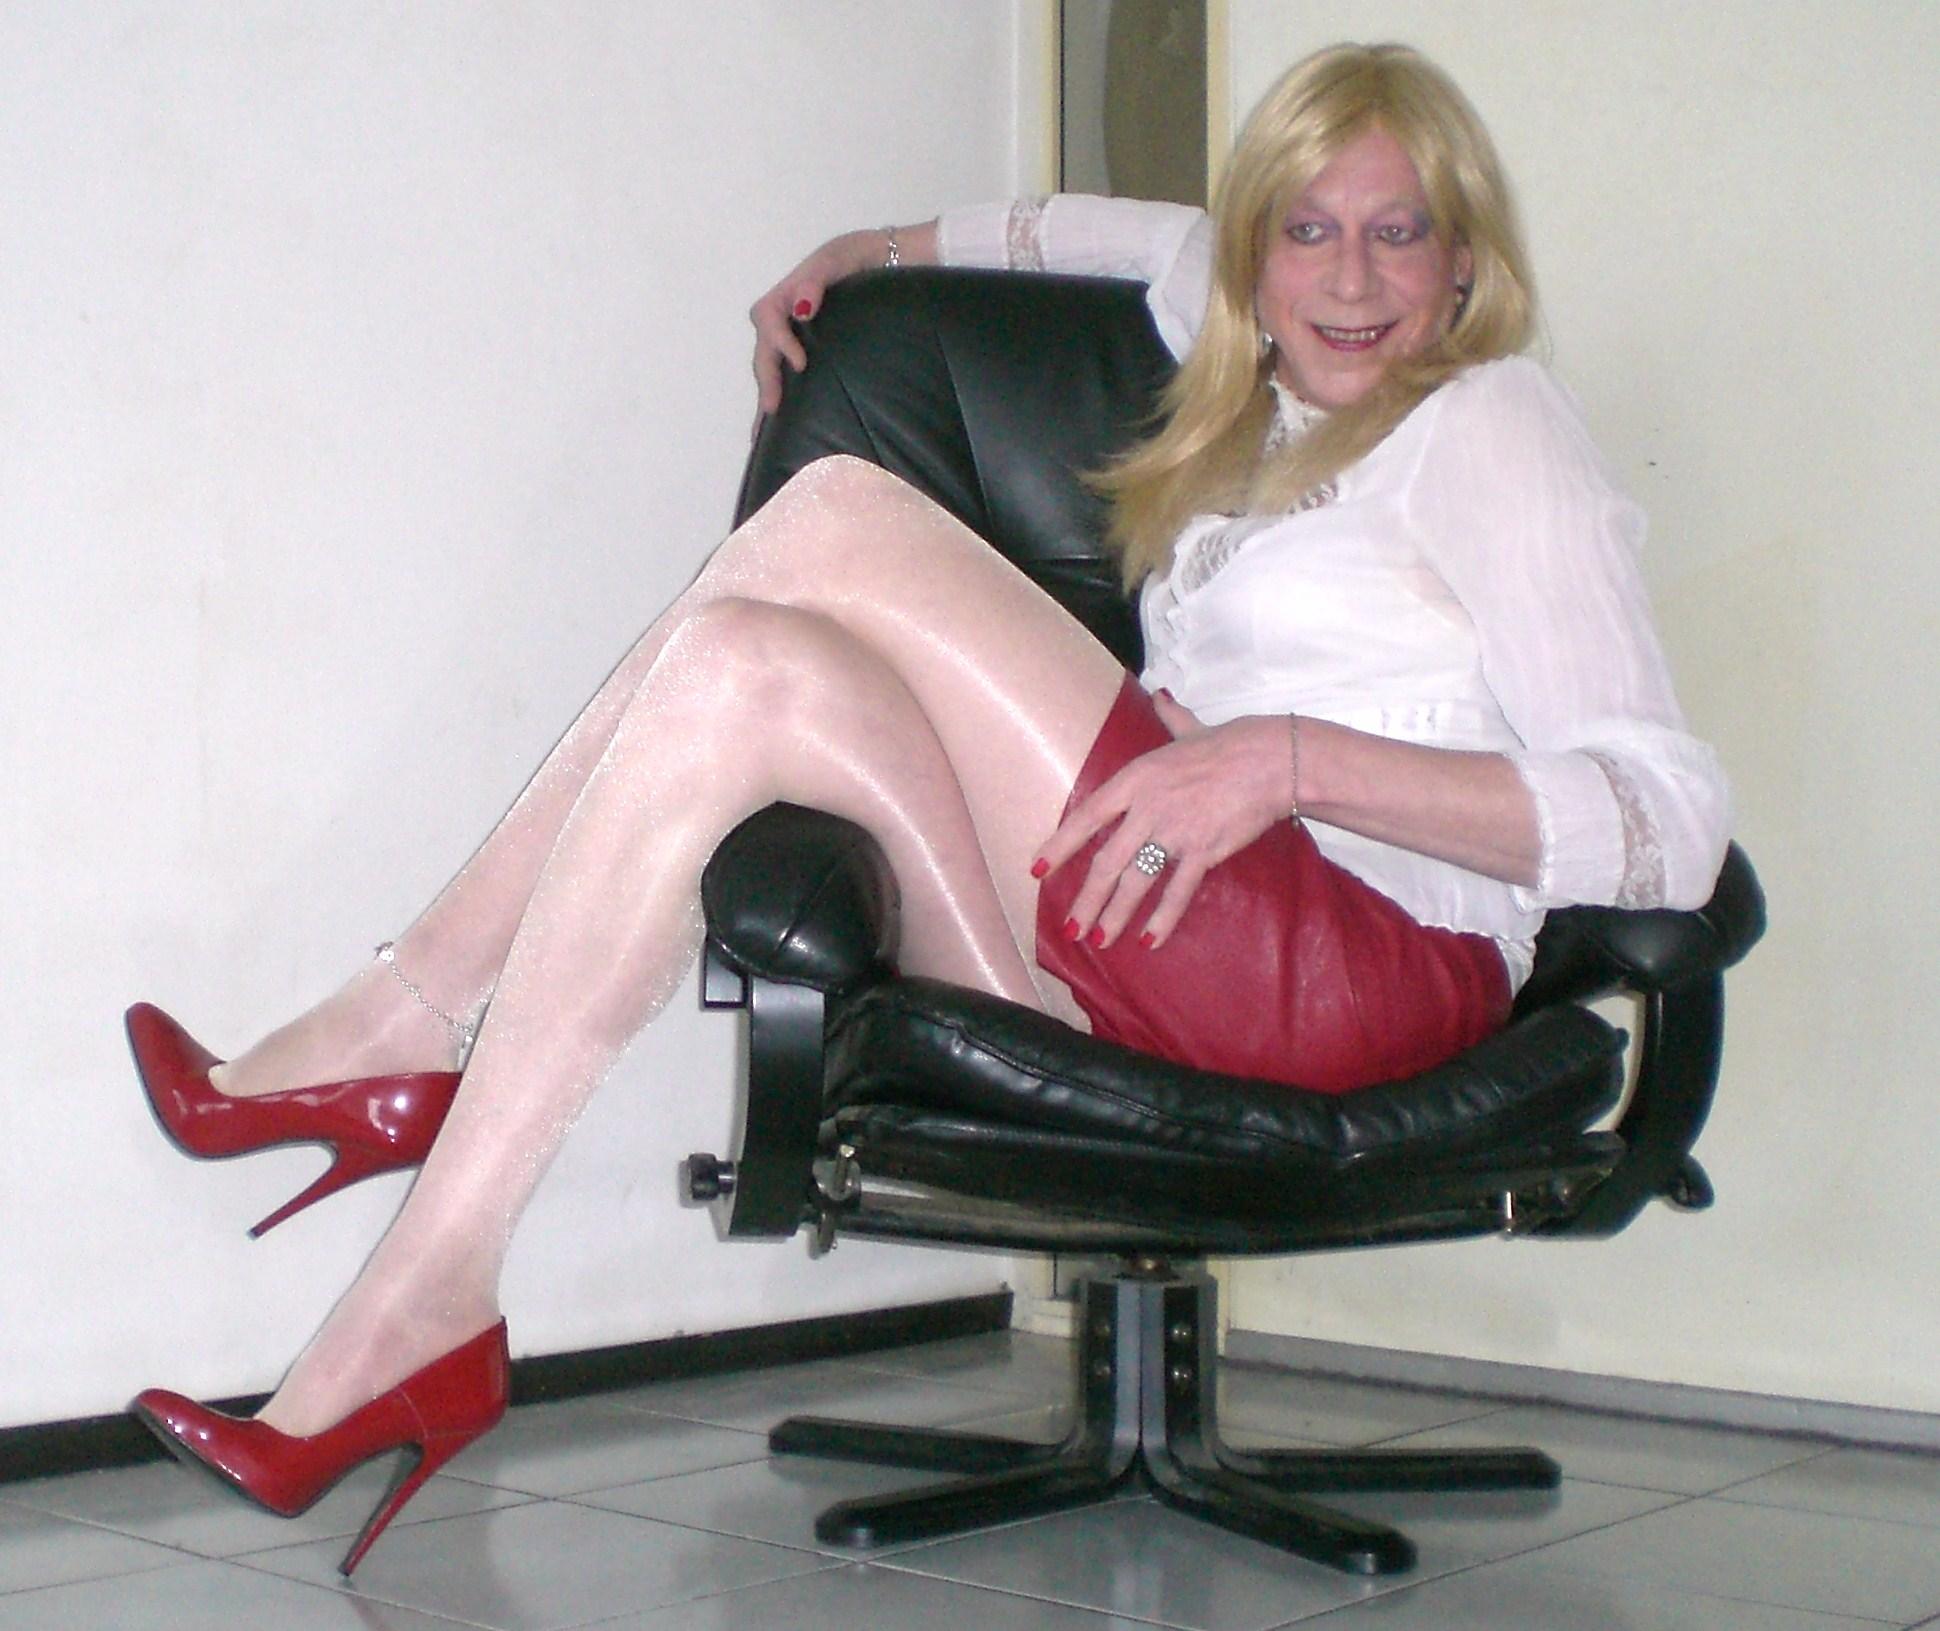 transsvestiti-v-kolgotkah